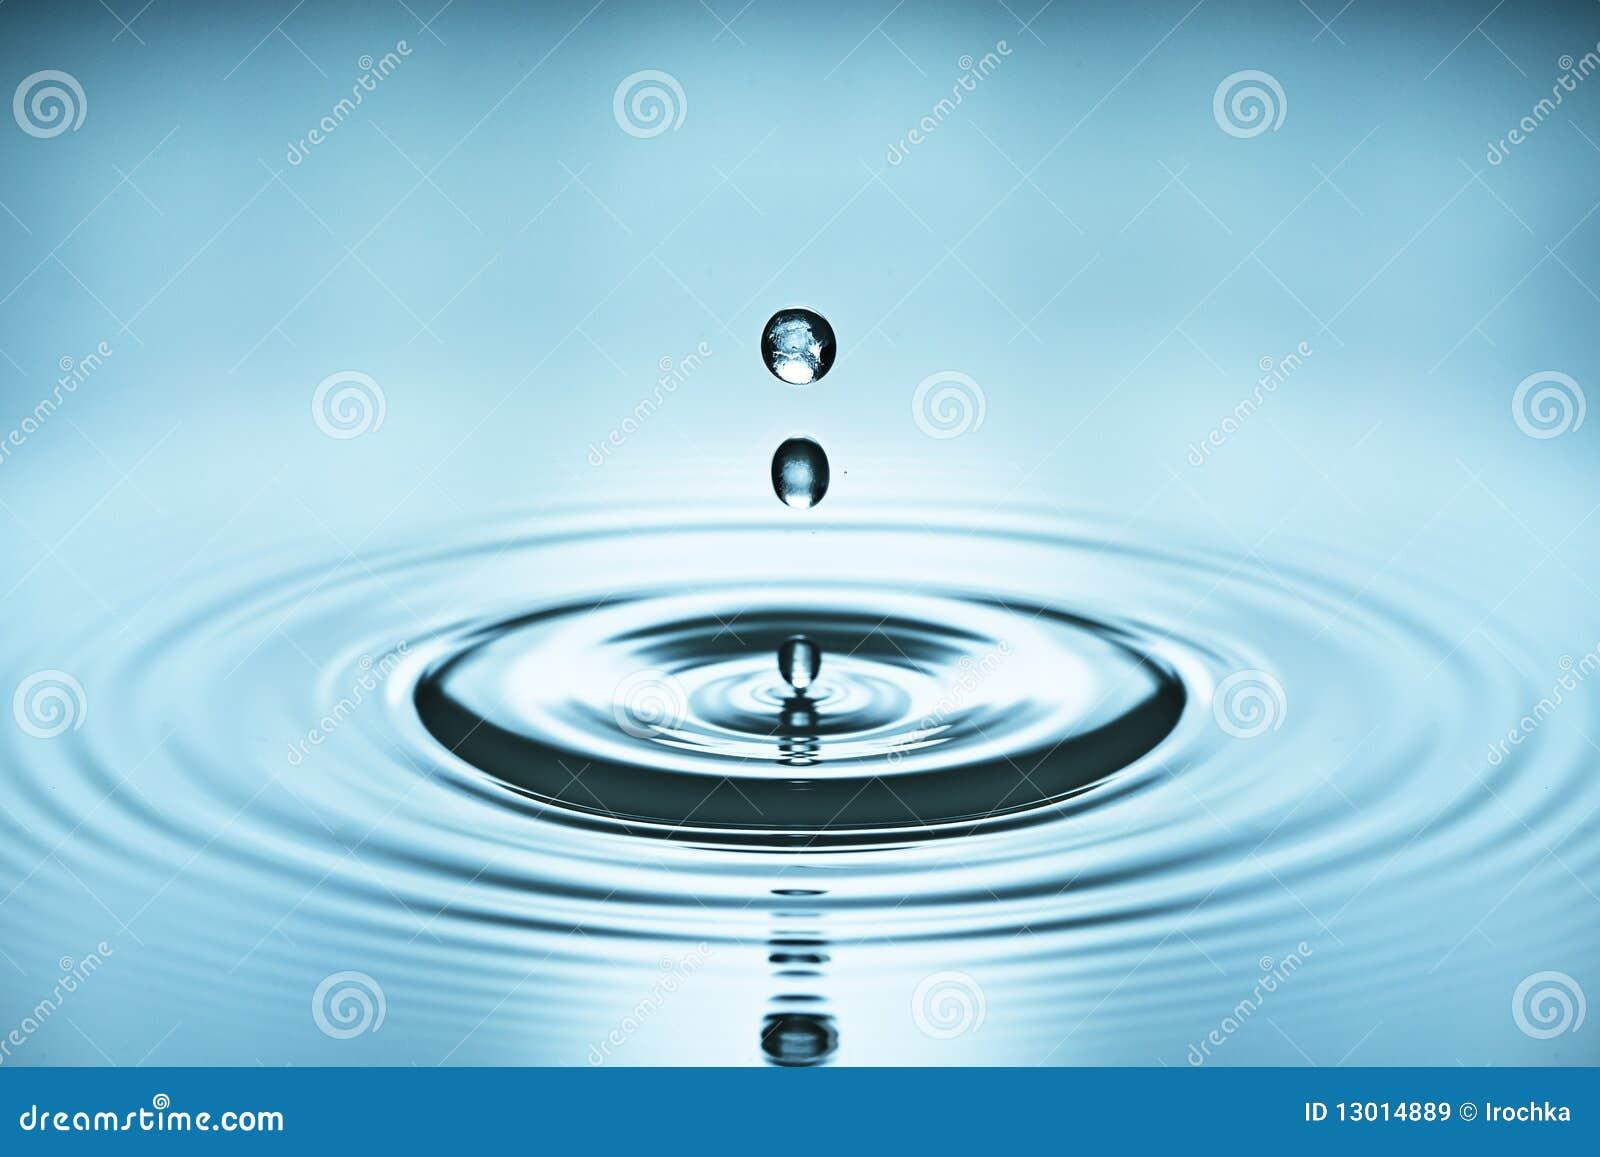 Απελευθερώσεις του ύδατος που προκαλεί τις κυματώσεις